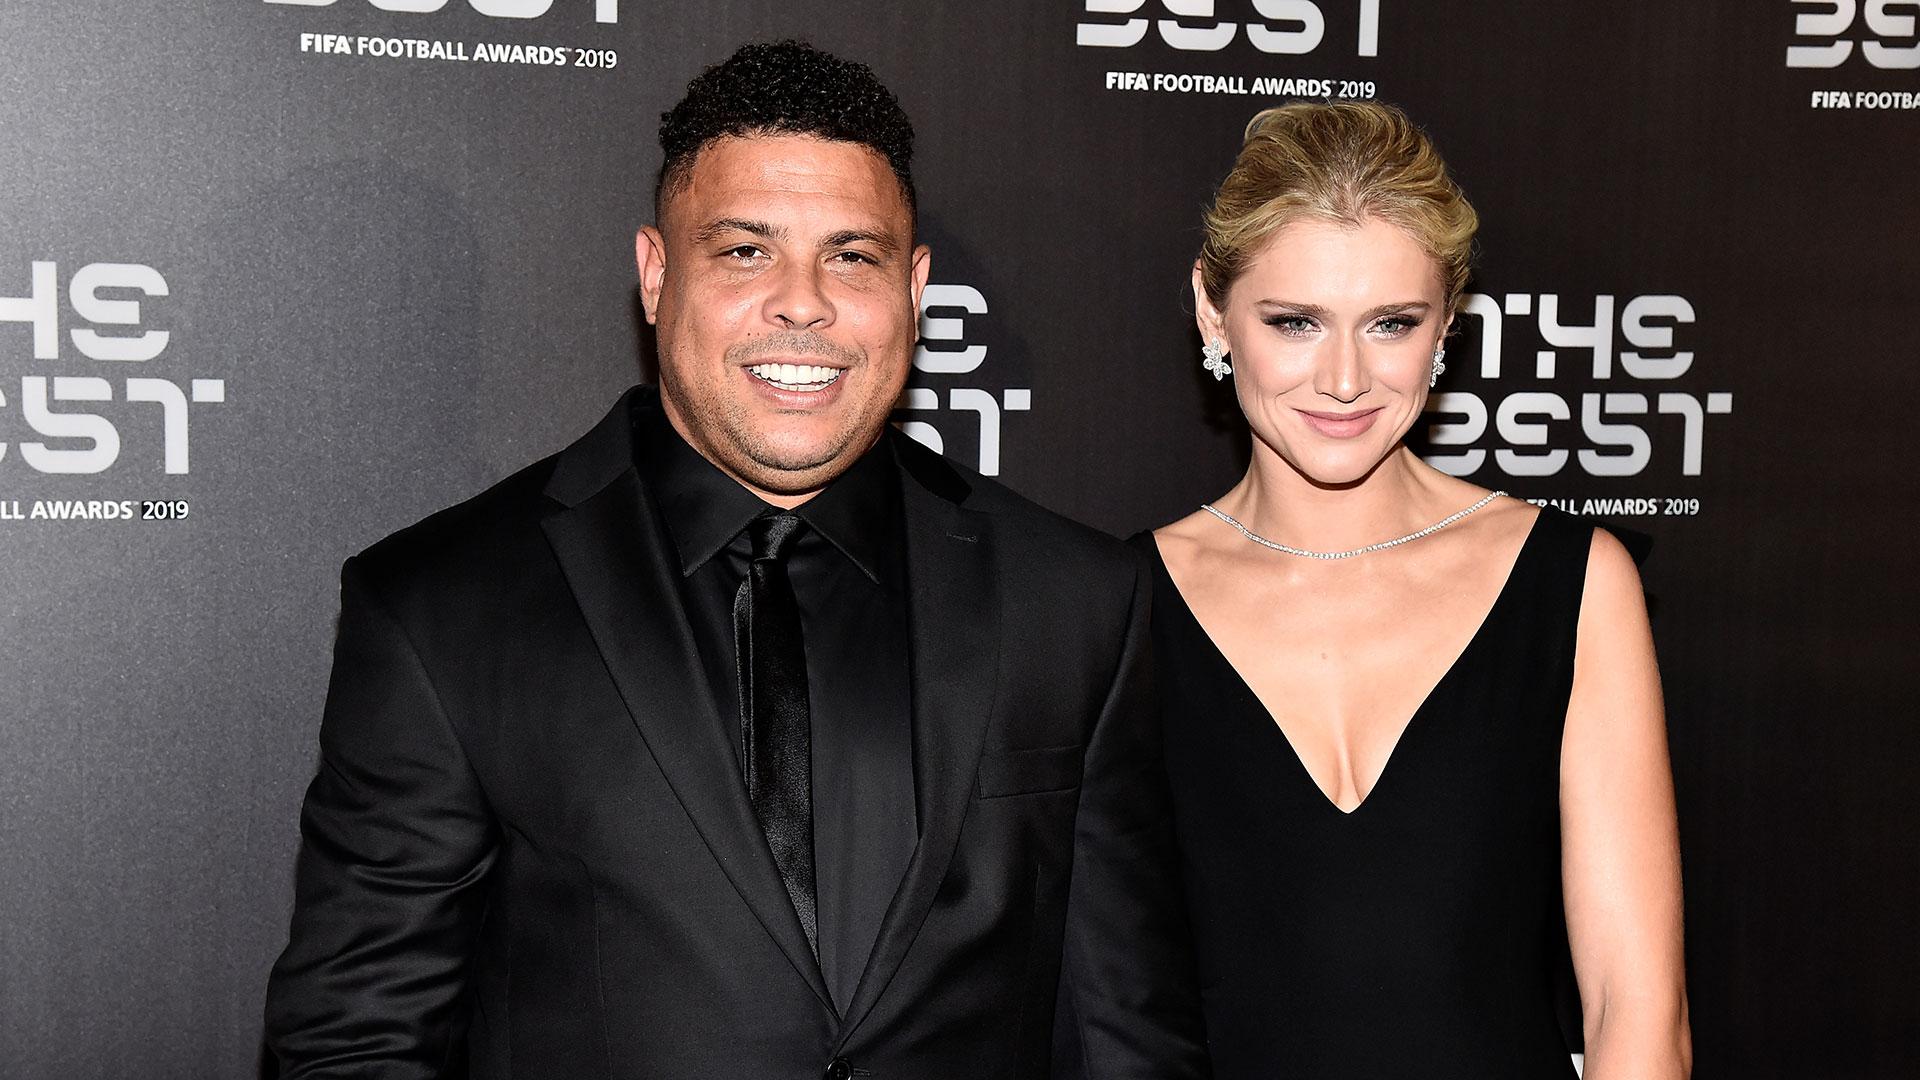 Ronaldo Nazario y su esposa